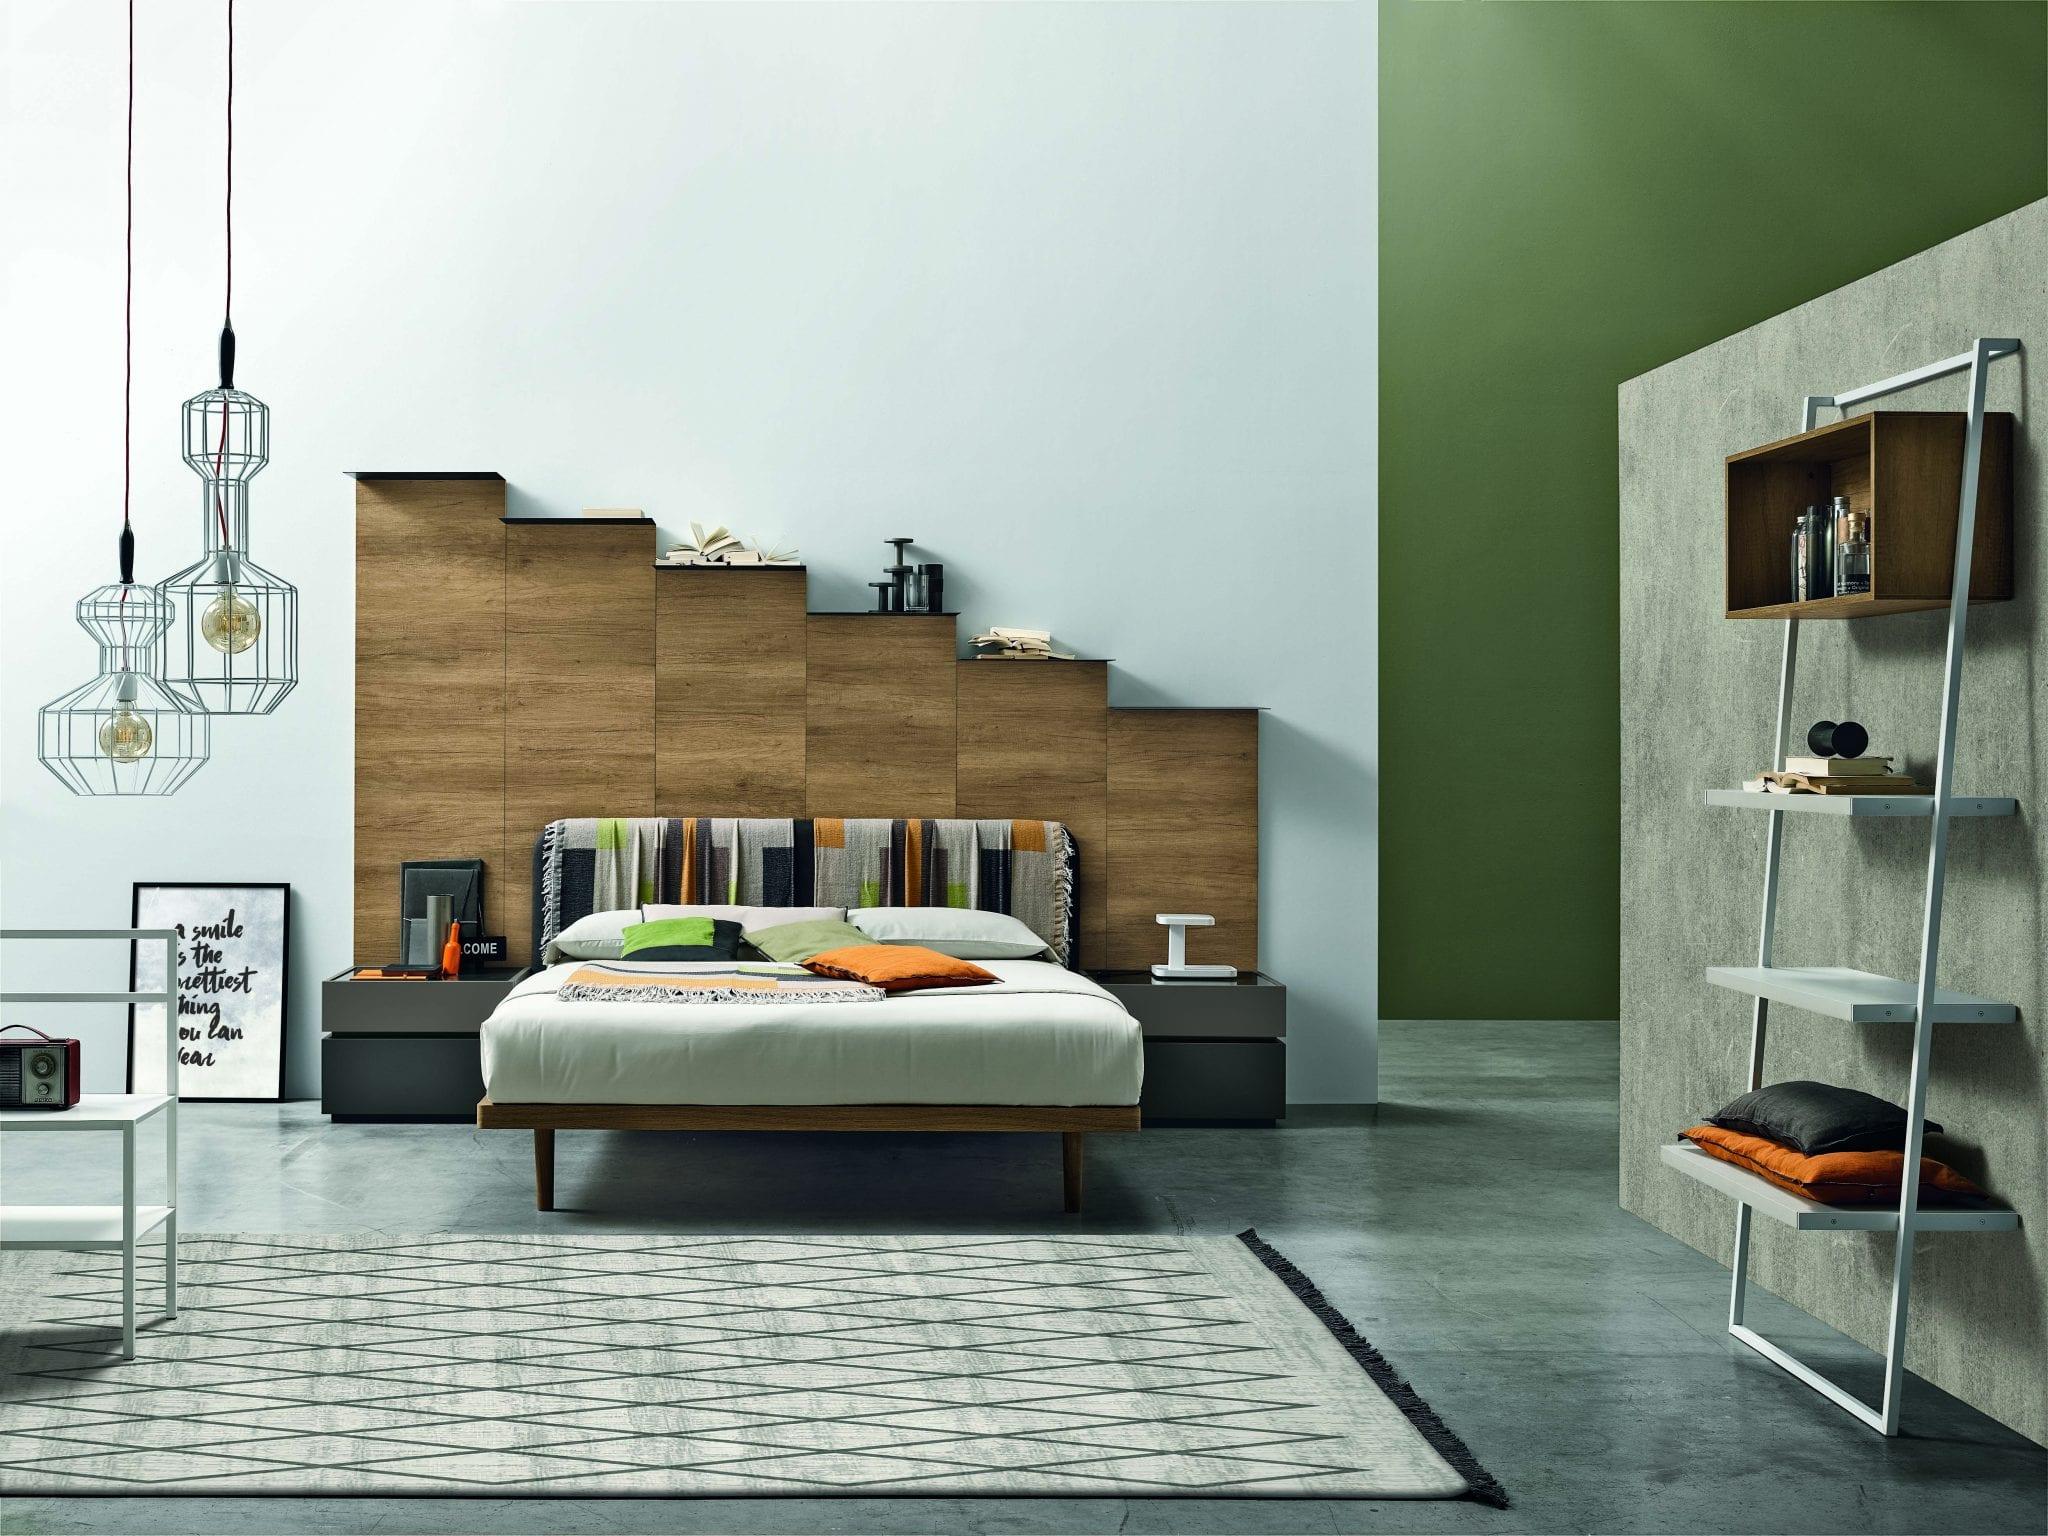 Letti In Legno Moderni : Letti in legno moderni stile per la tua camera da letto